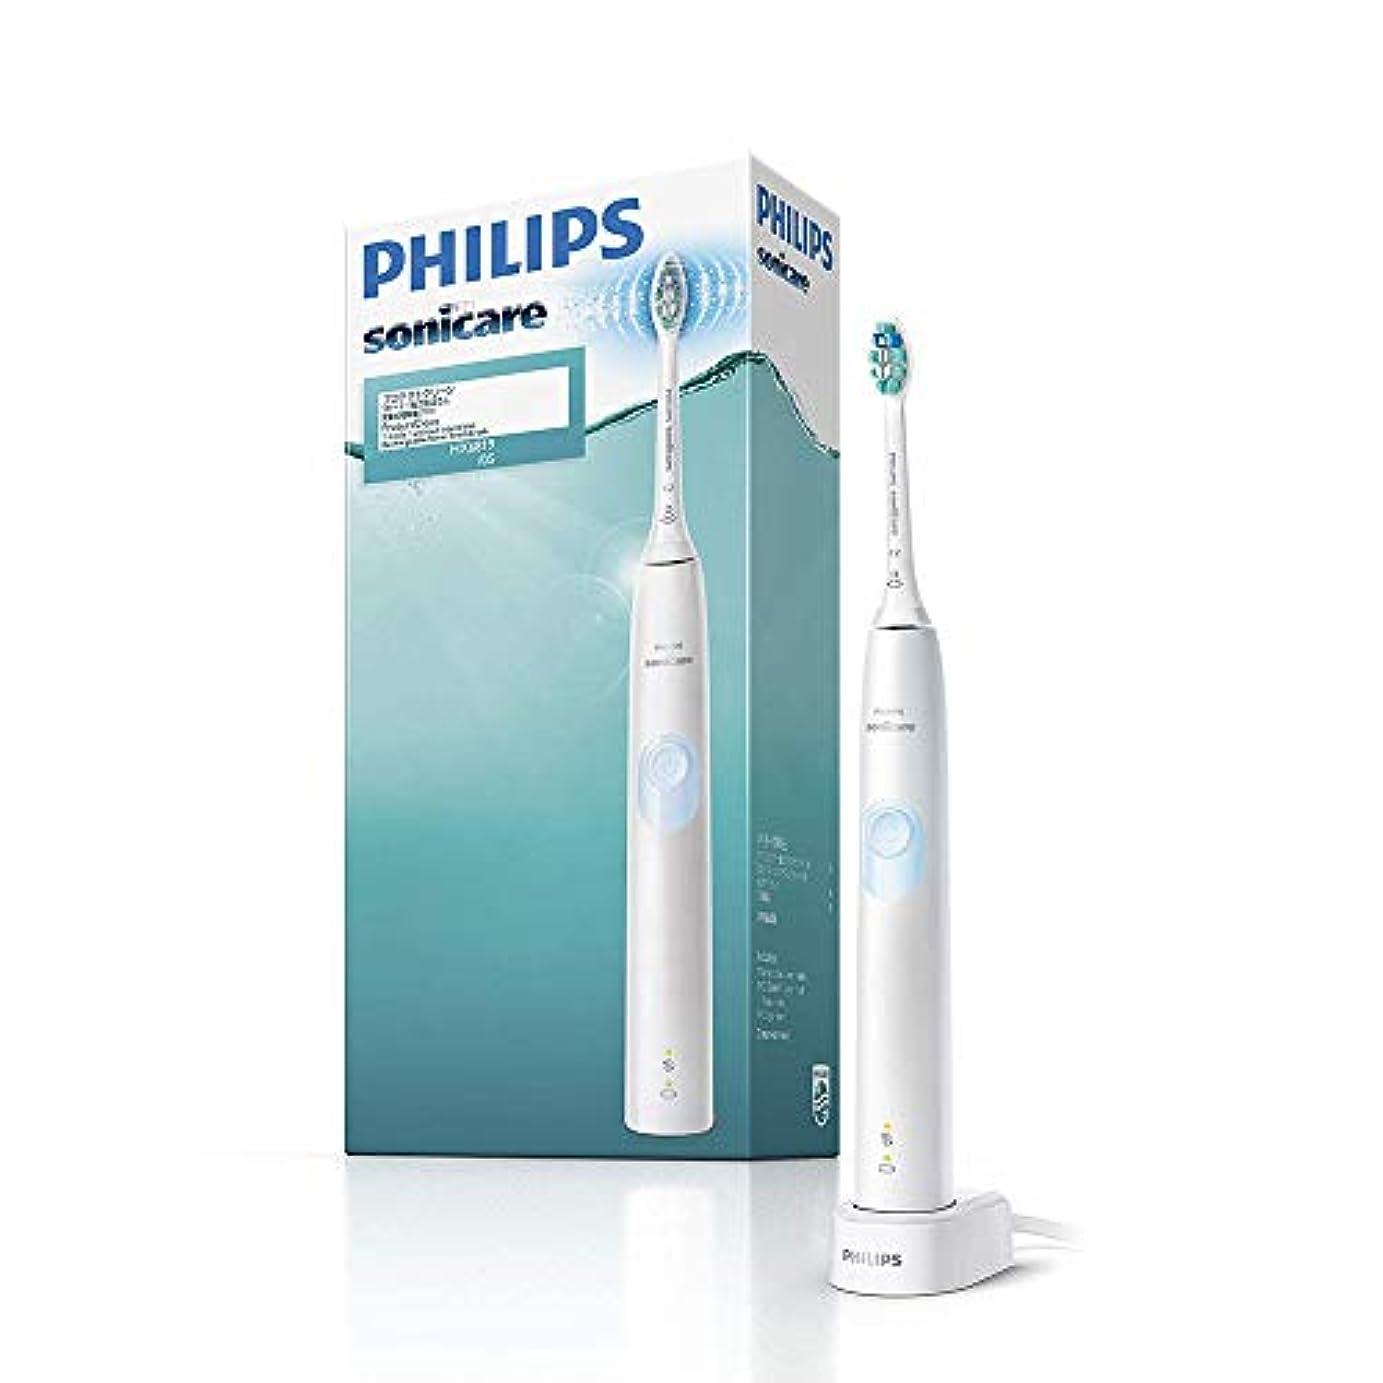 ギャンブル変化犠牲【Amazon.co.jp限定】フィリップス ソニッケアー プロテクトクリーン ホワイトライトブルー 電動歯ブラシ 強さ設定なし HX6819/05